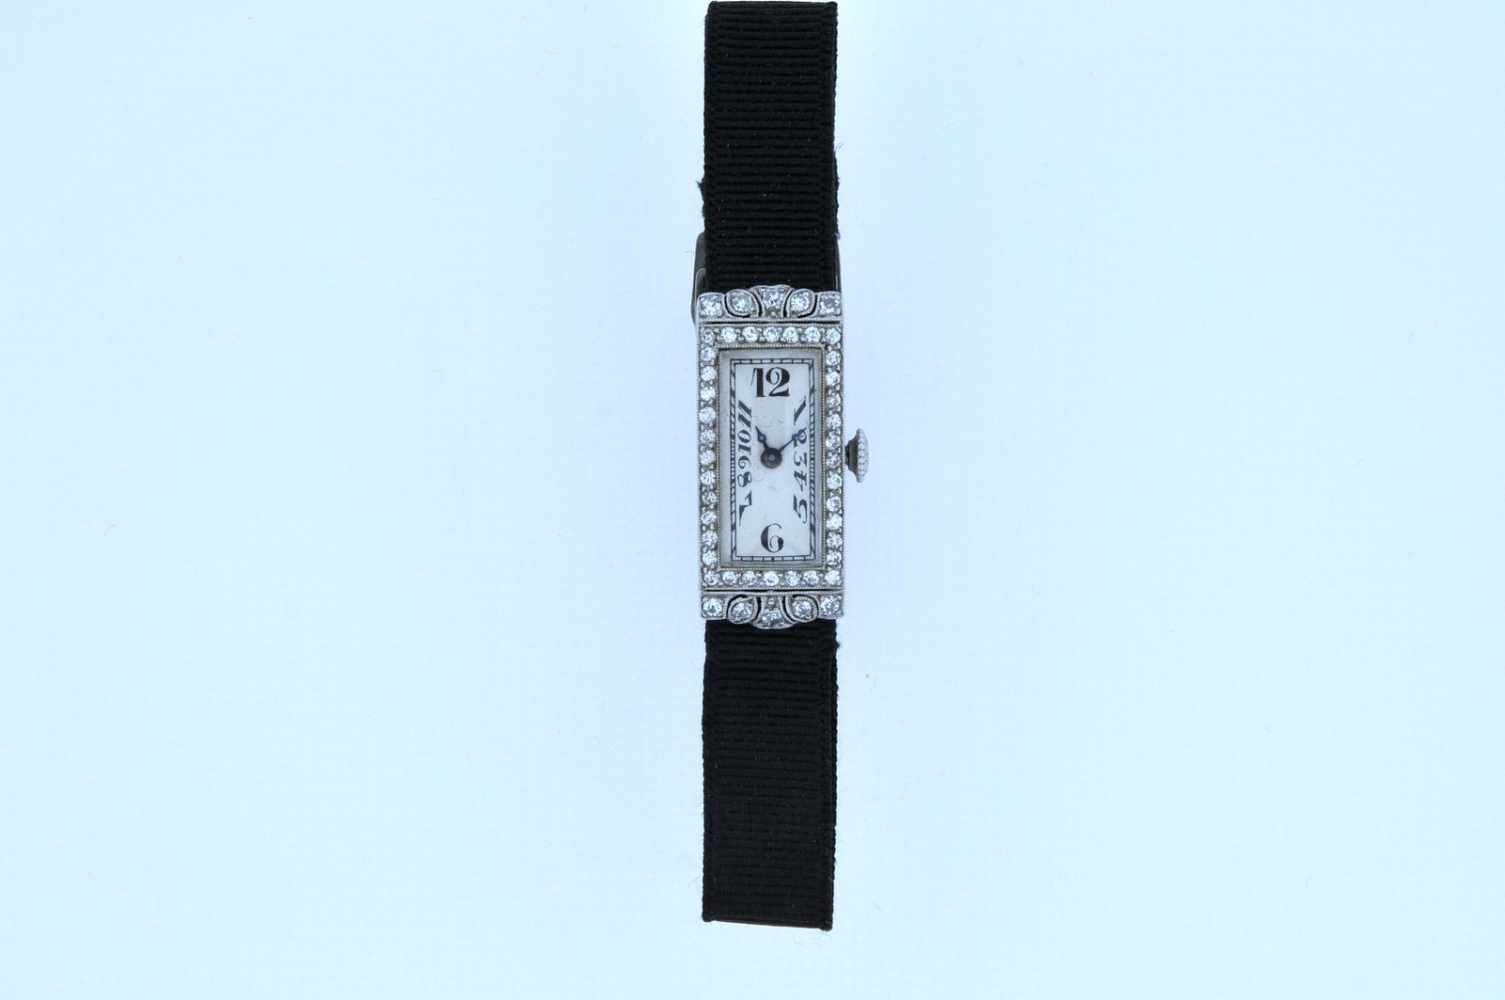 Damenuhr Art-Deco Platin Damenuhr mit Achtkantdiamanten, zus.ca. 0,60 ct, Handaufzug, Ankerwerk, - Bild 4 aus 4